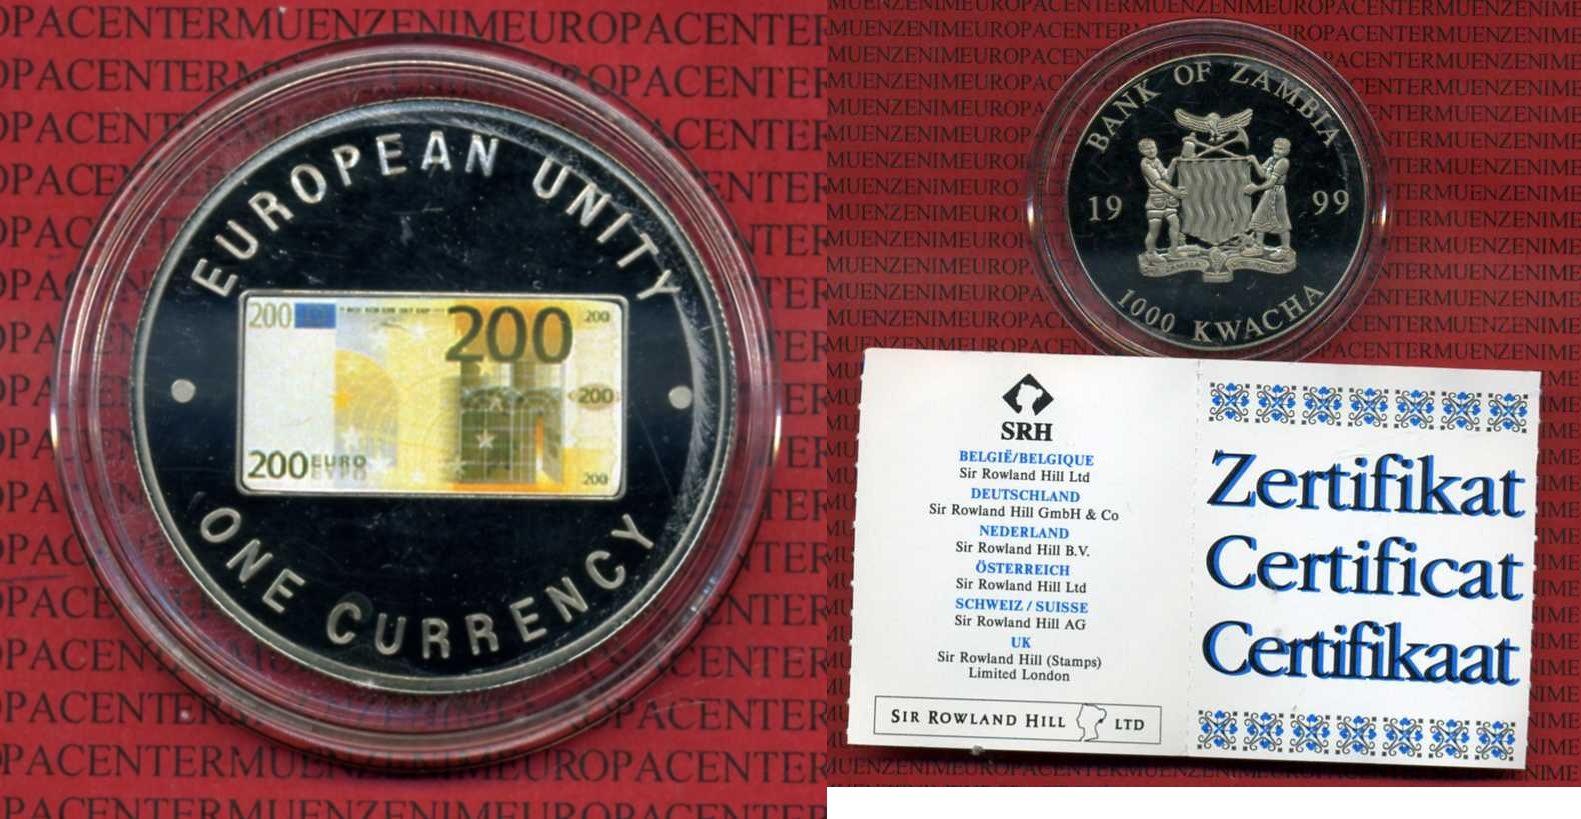 1000 Kwacha Farbmünze 1999 Sambia Zambia Sambia 1000 Kwacha